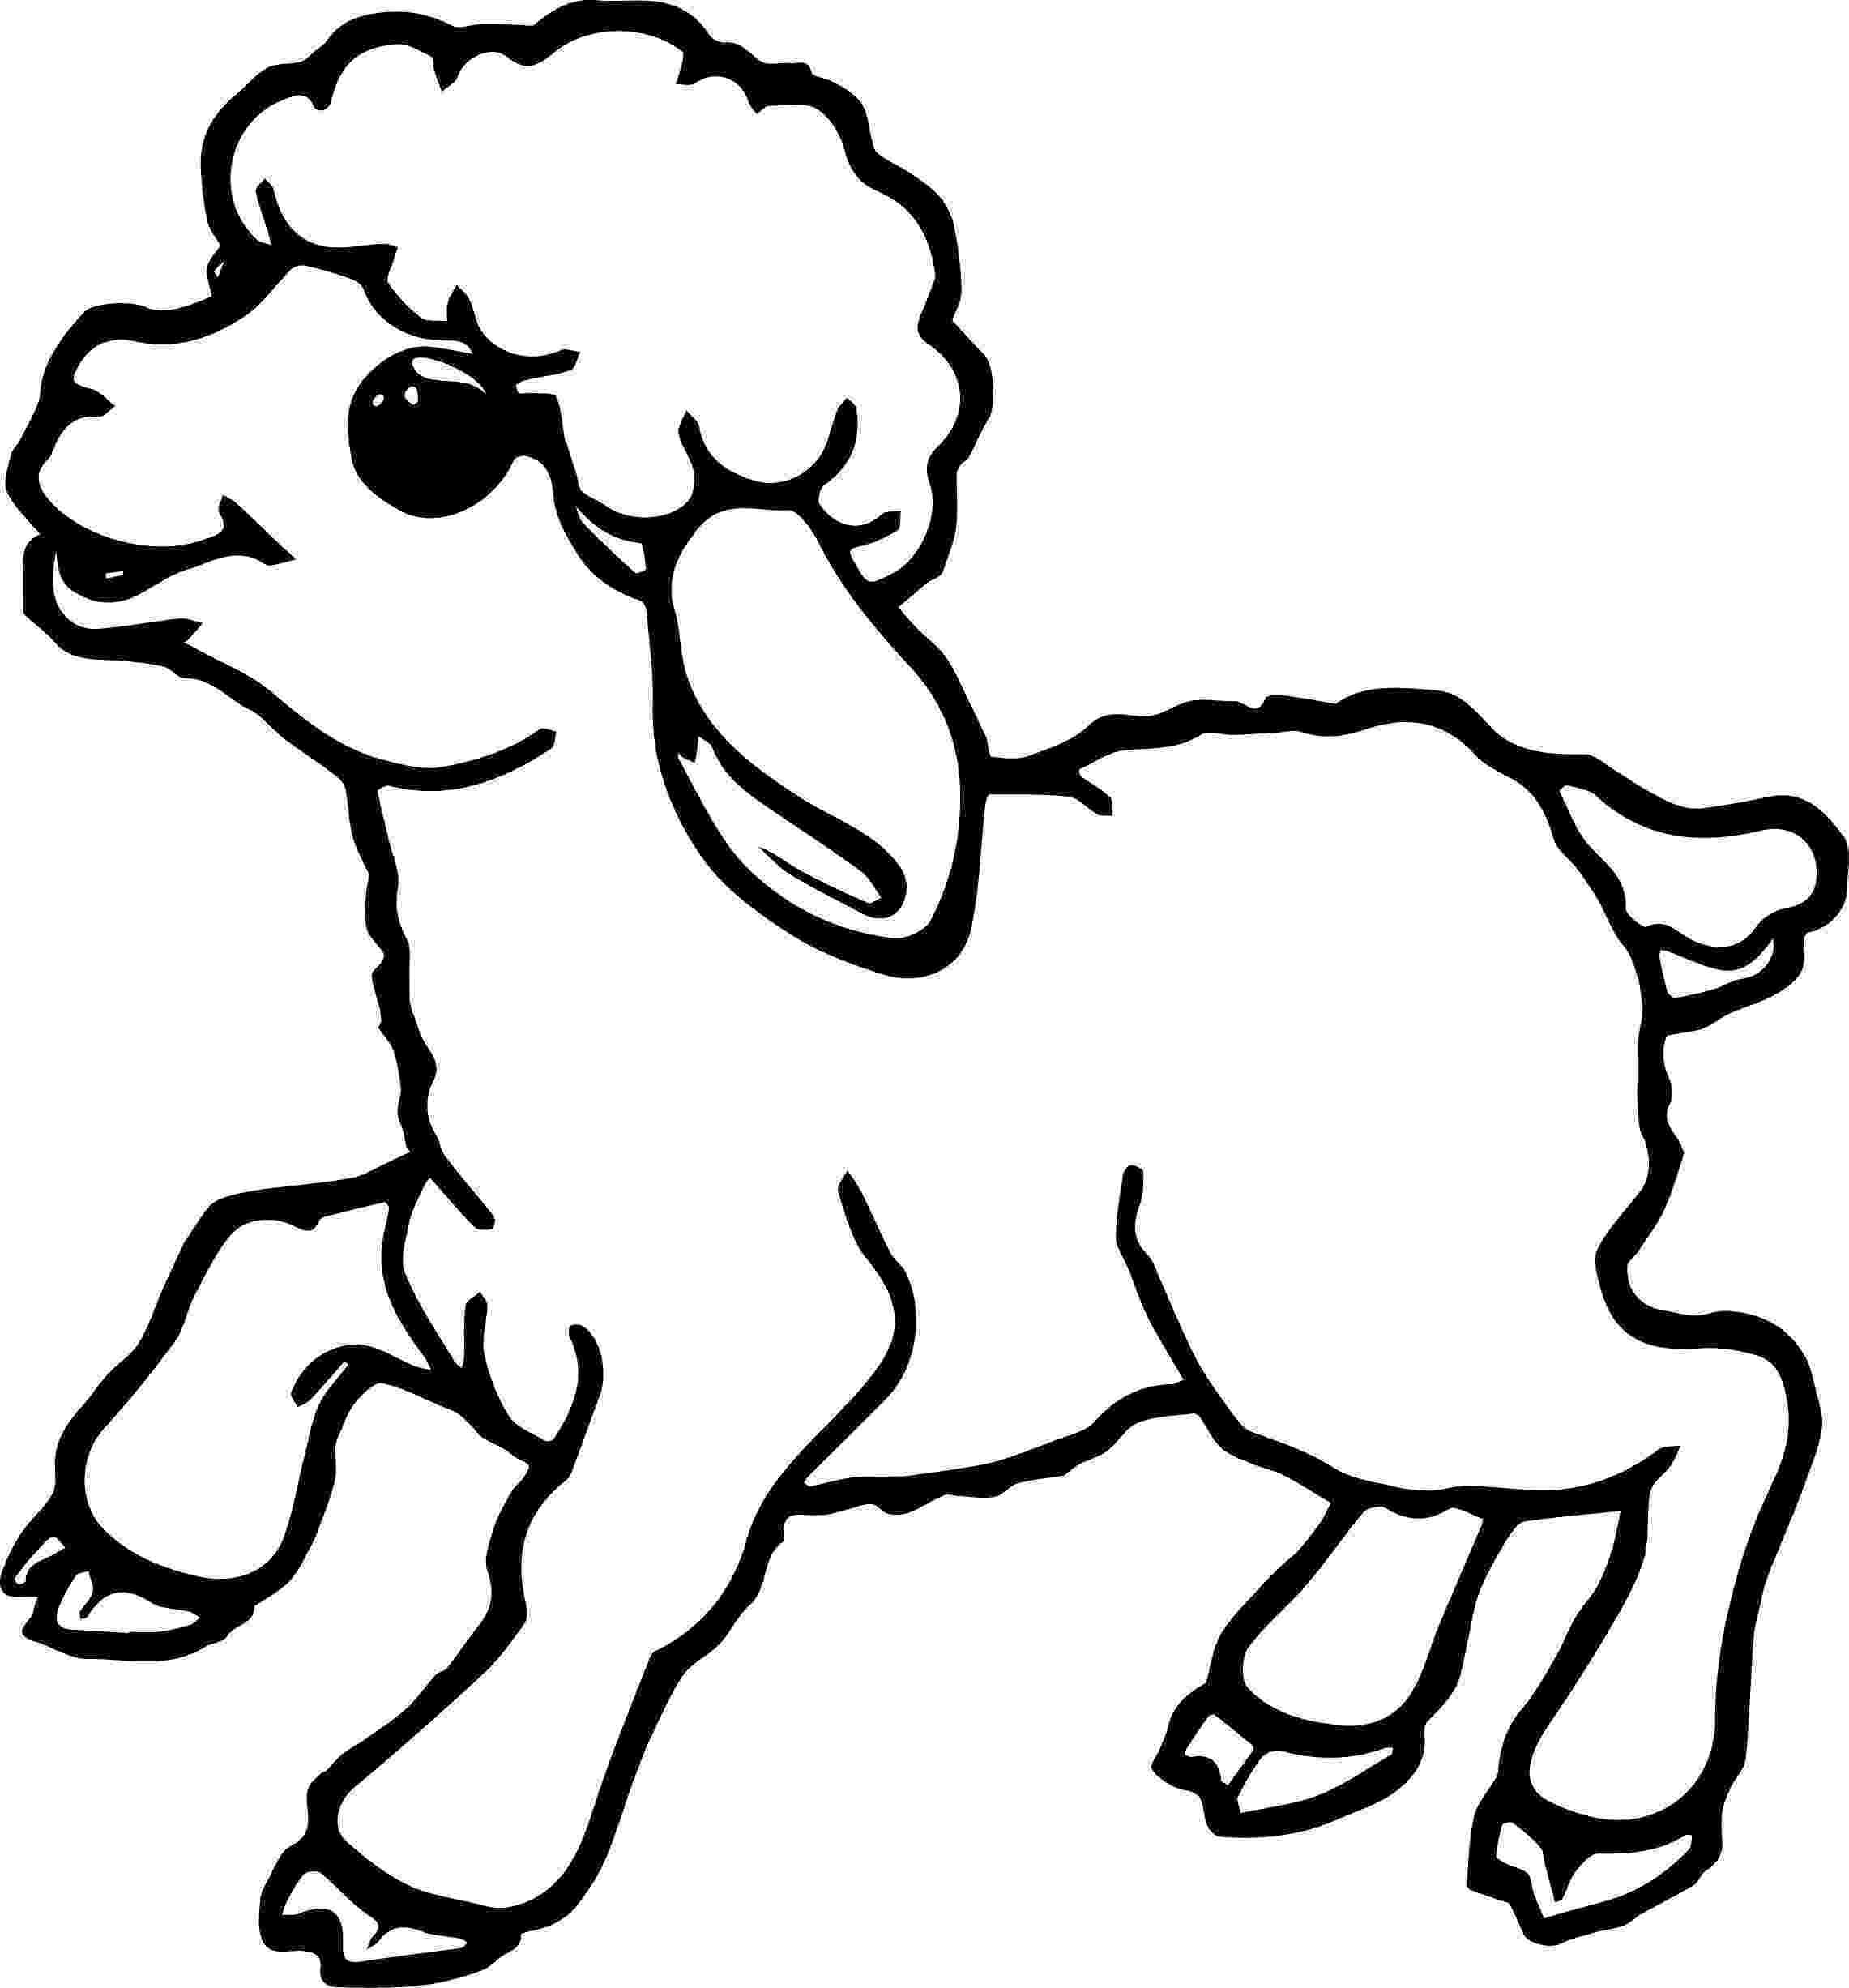 sheep coloring sheet free printable sheep coloring pages for kids coloring sheep sheet